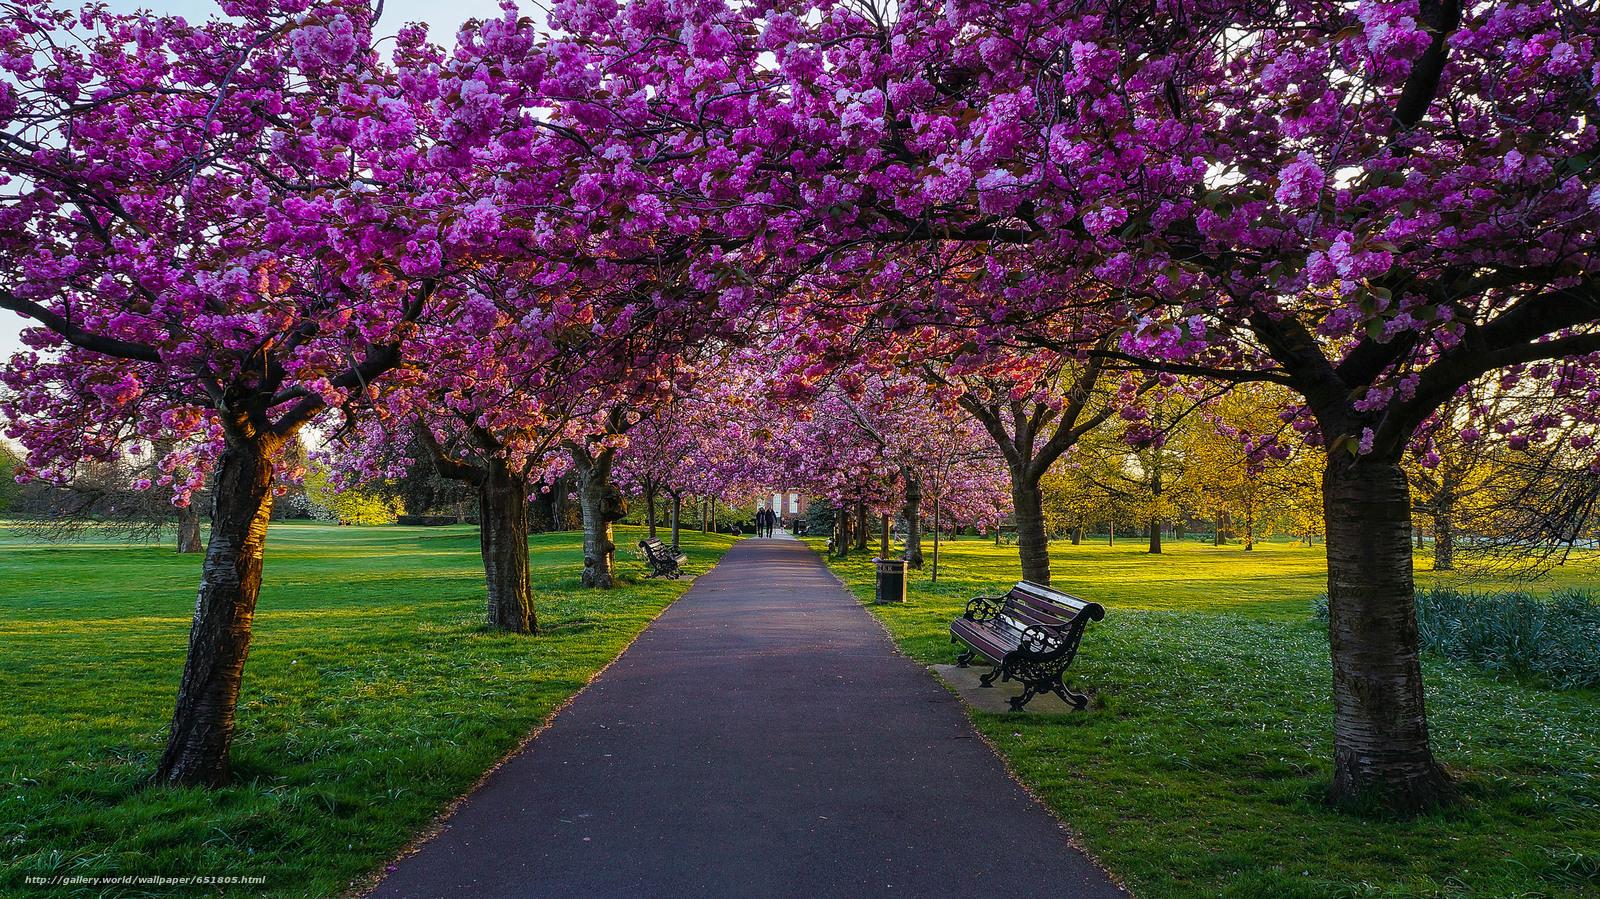 Скачать обои Гринвич Парк,  Лондон,  деревья,  цветение бесплатно для рабочего стола в разрешении 2048x1151 — картинка №651805